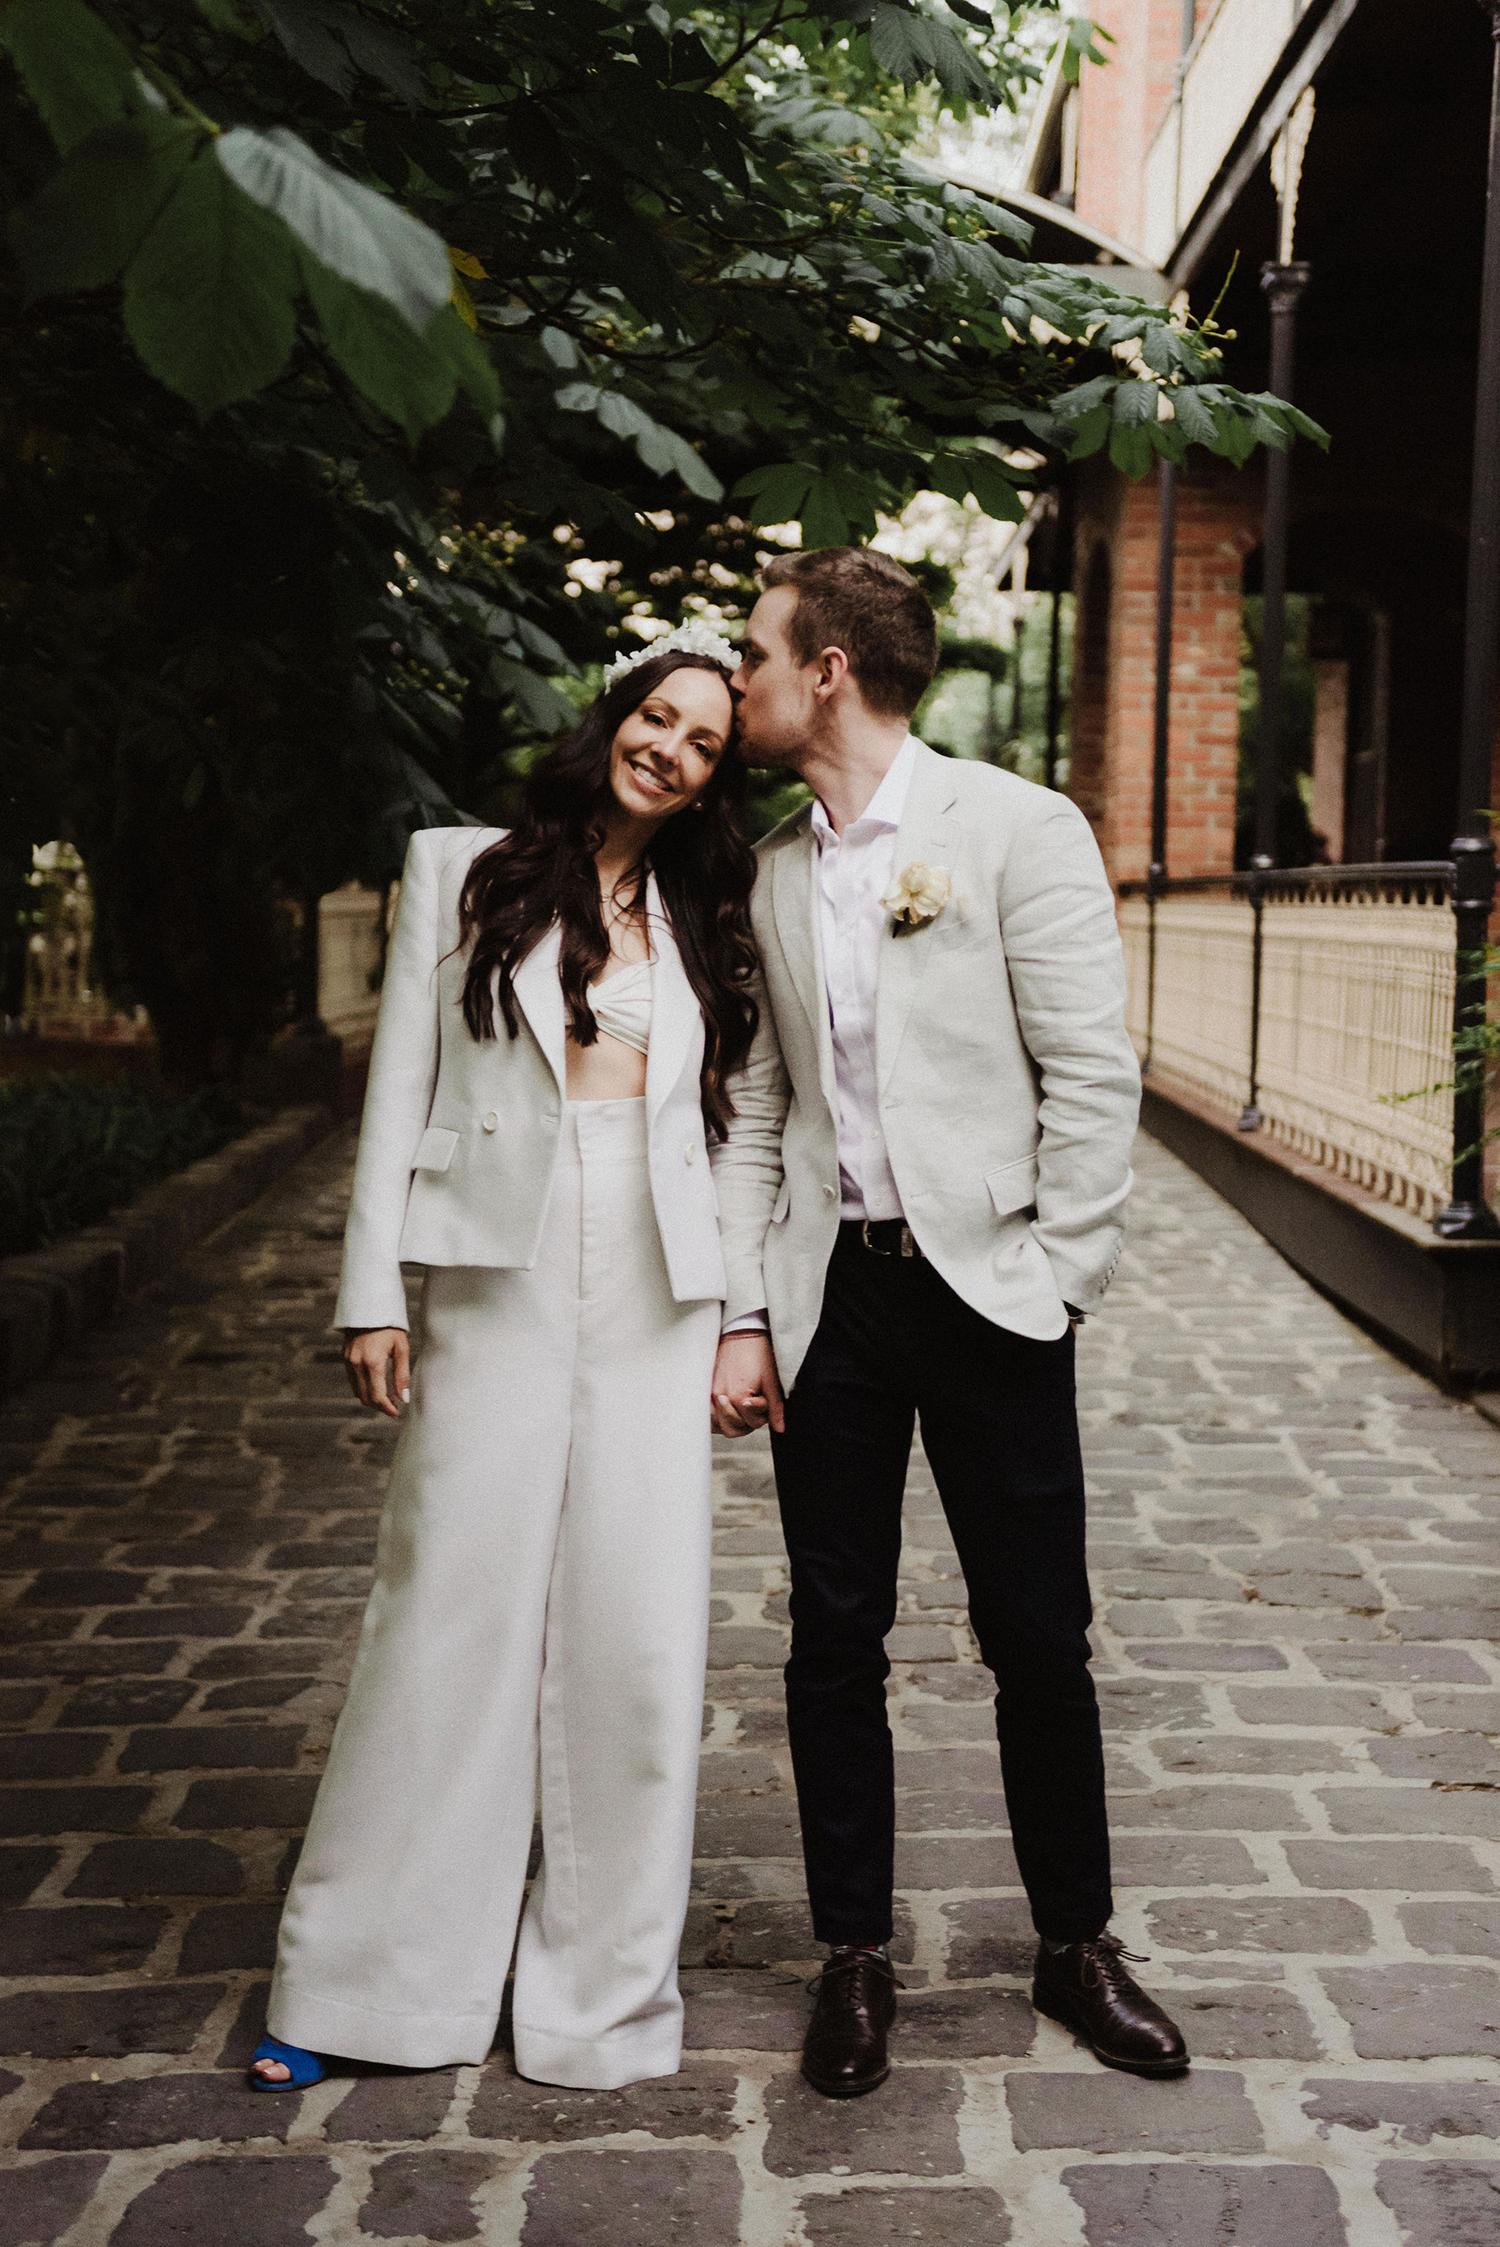 bride in white suit